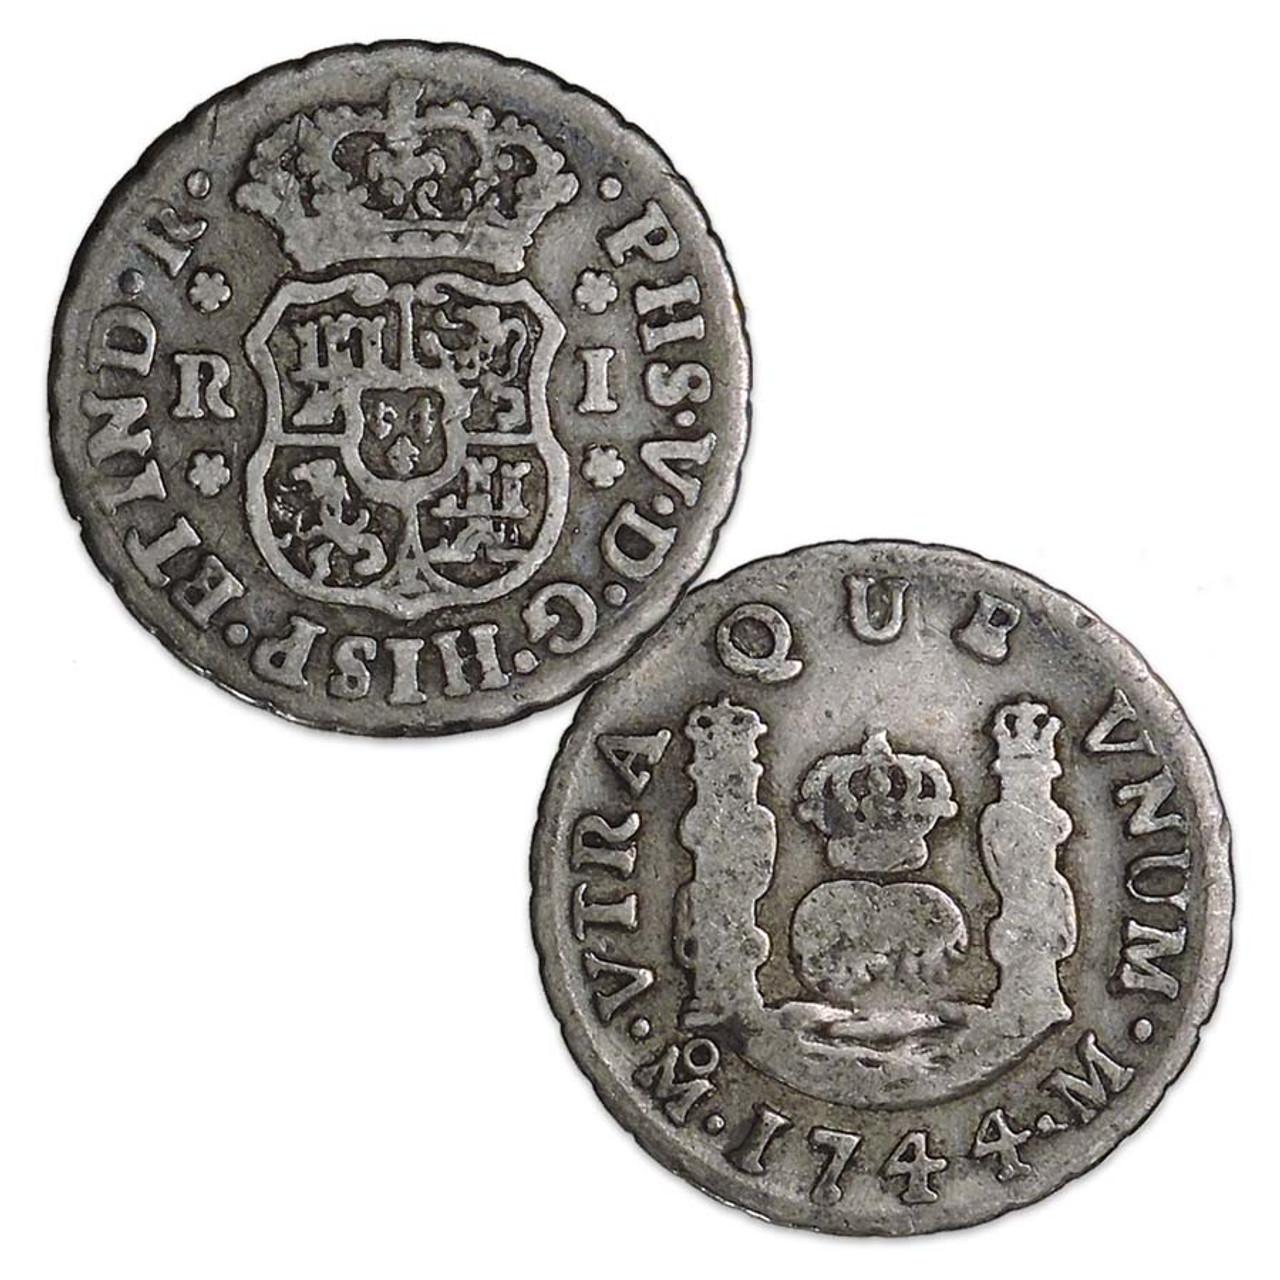 Mexico 1732-1772 Pillar 1 Real Image 1